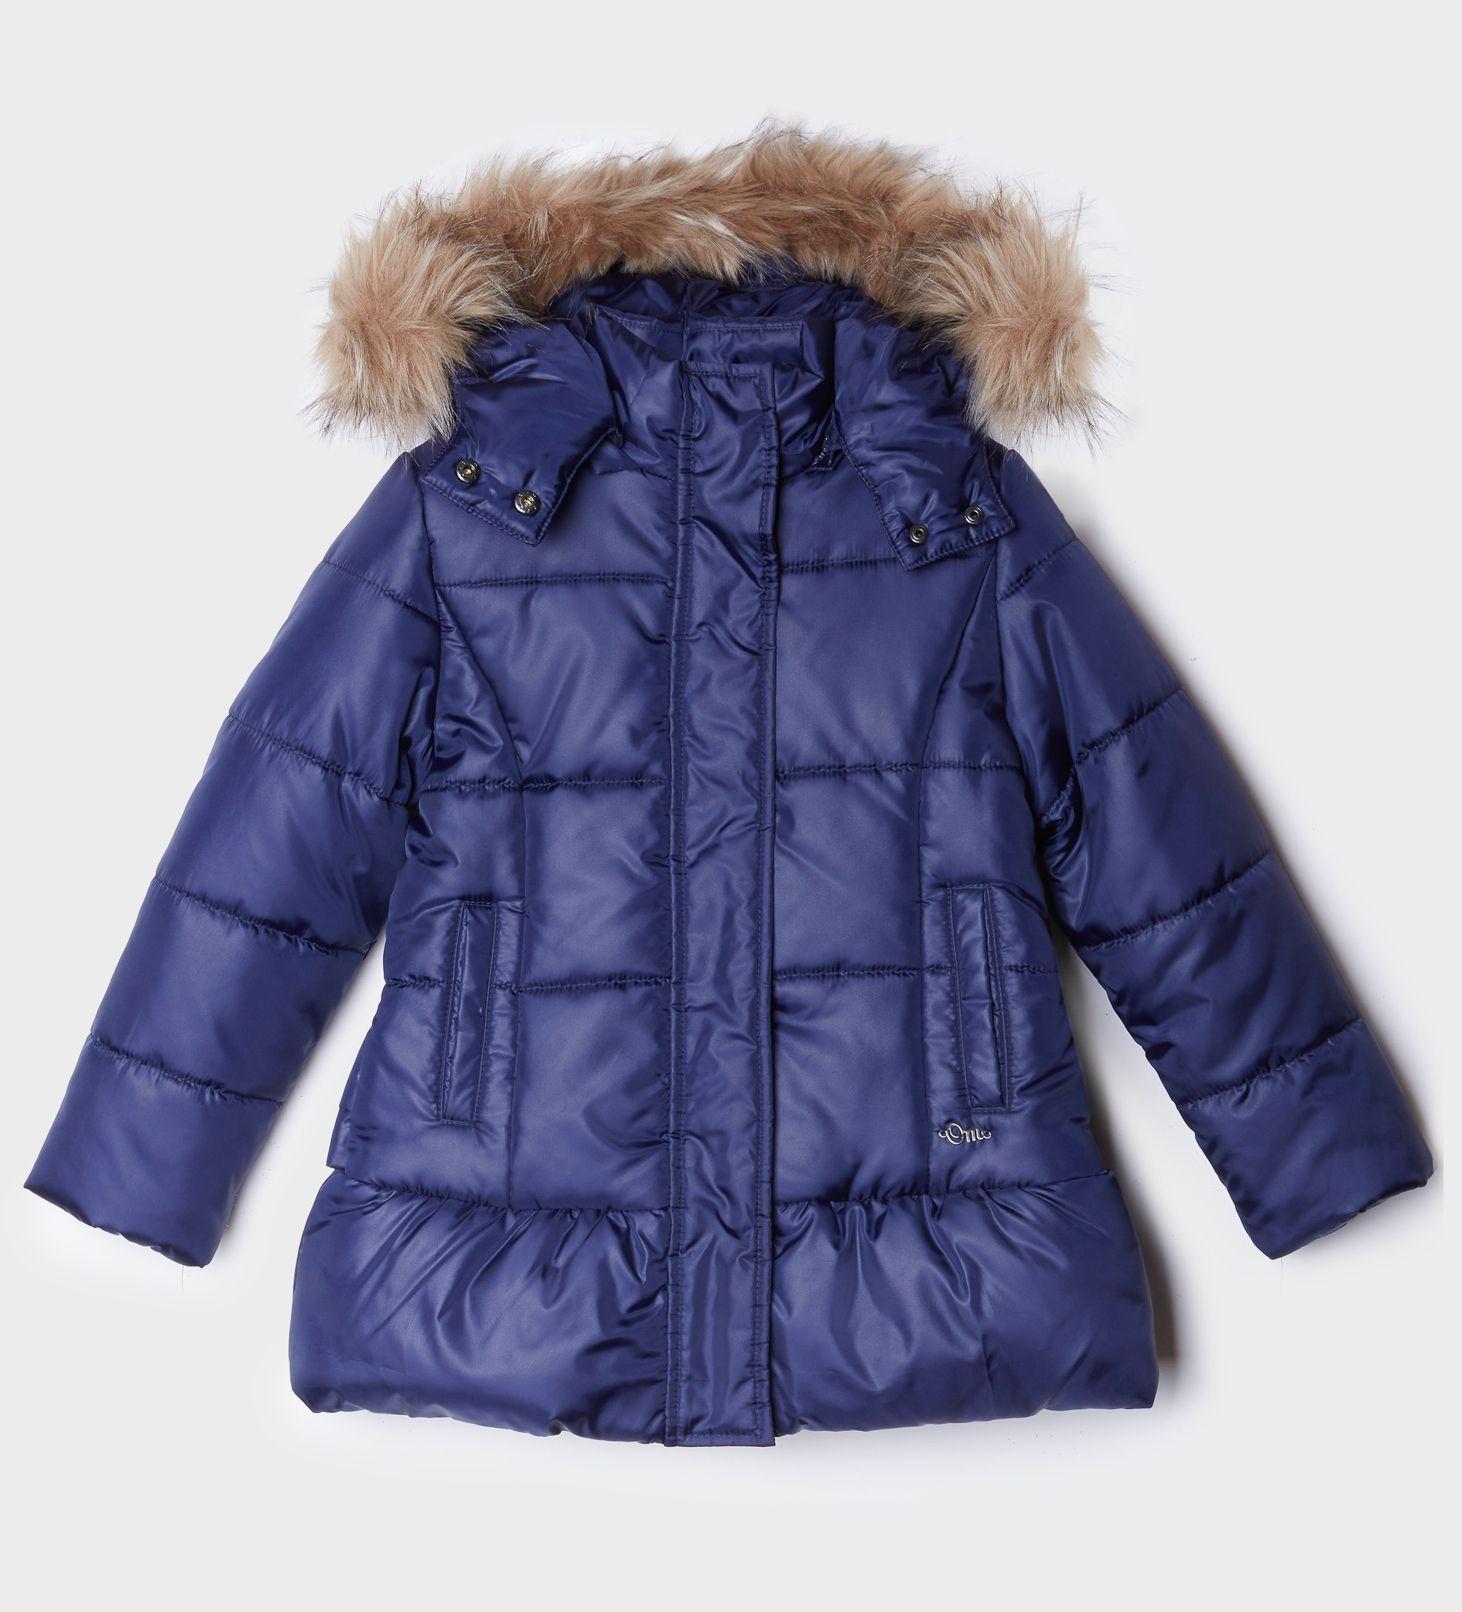 Купить Куртка Original Marines, синий, 116, Девочки, зима